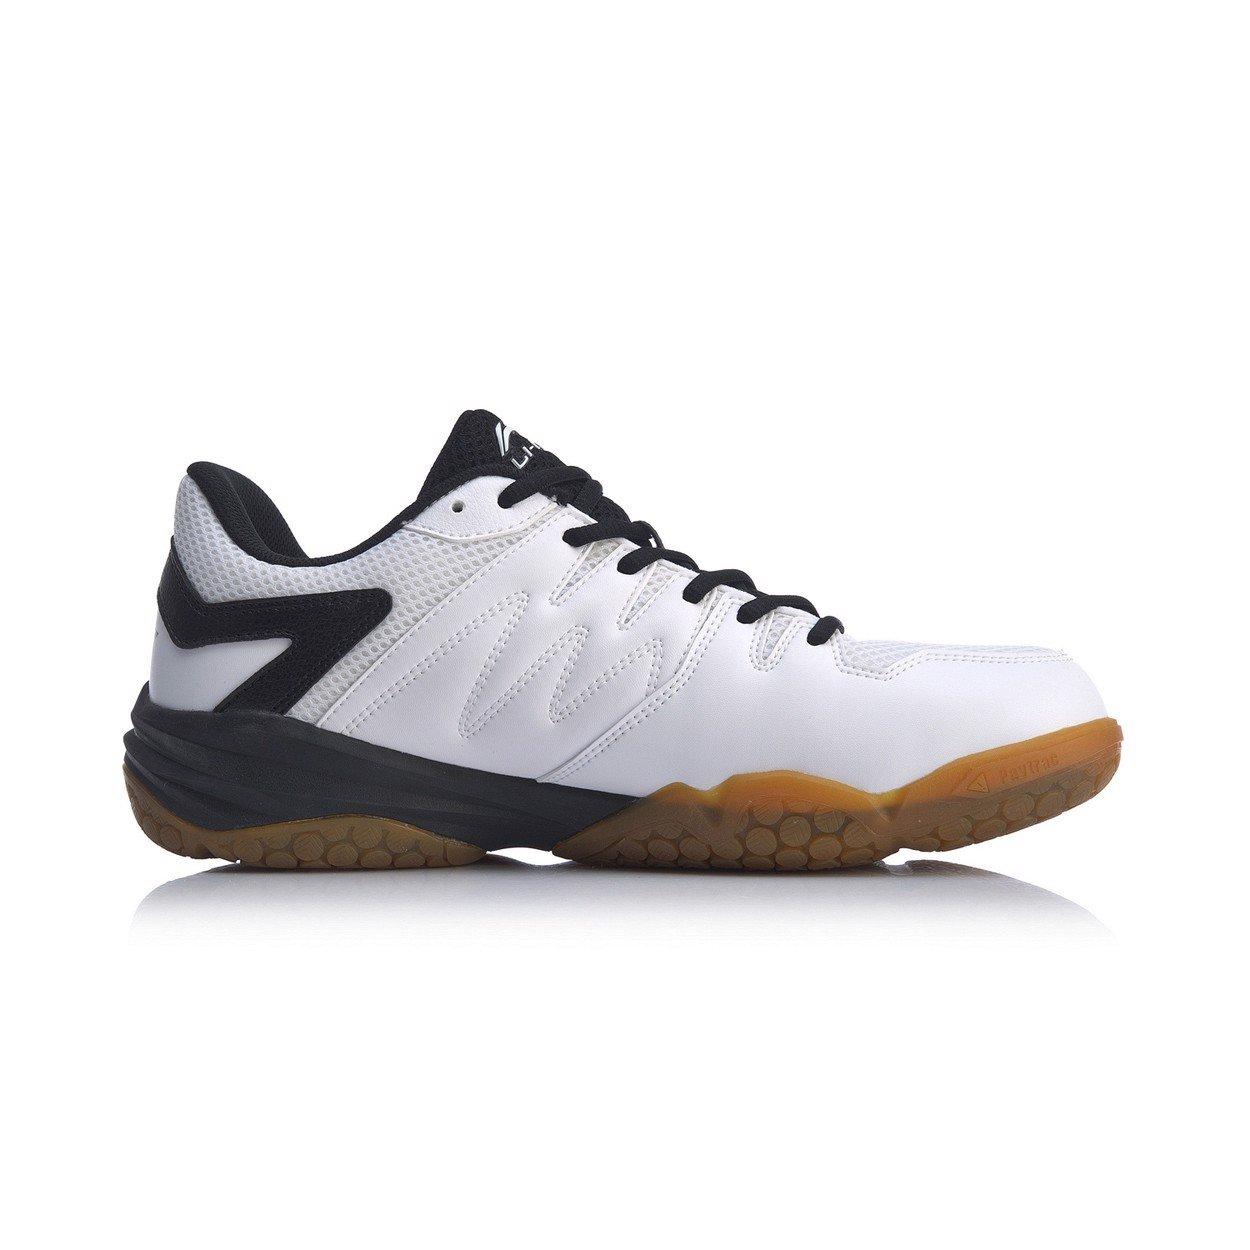 Giày cầu lông Lining AYTQ001-3